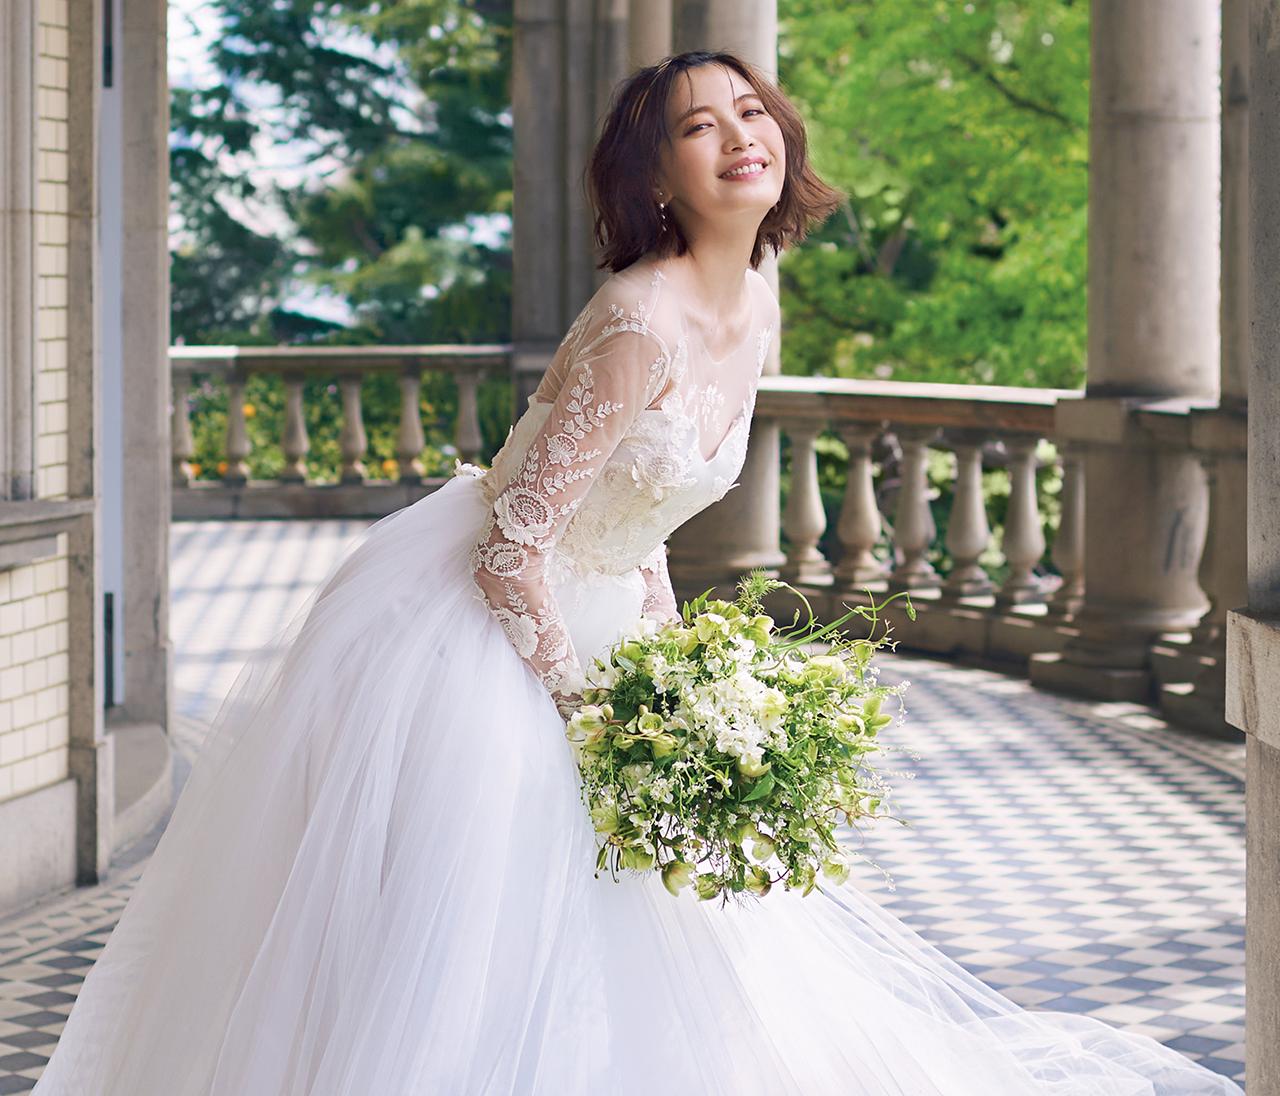 30代花嫁がもっと輝く!スタイリスト 室井由美子さんPresents 【ノバレーゼ10のウエディングドレス VOL. 3】